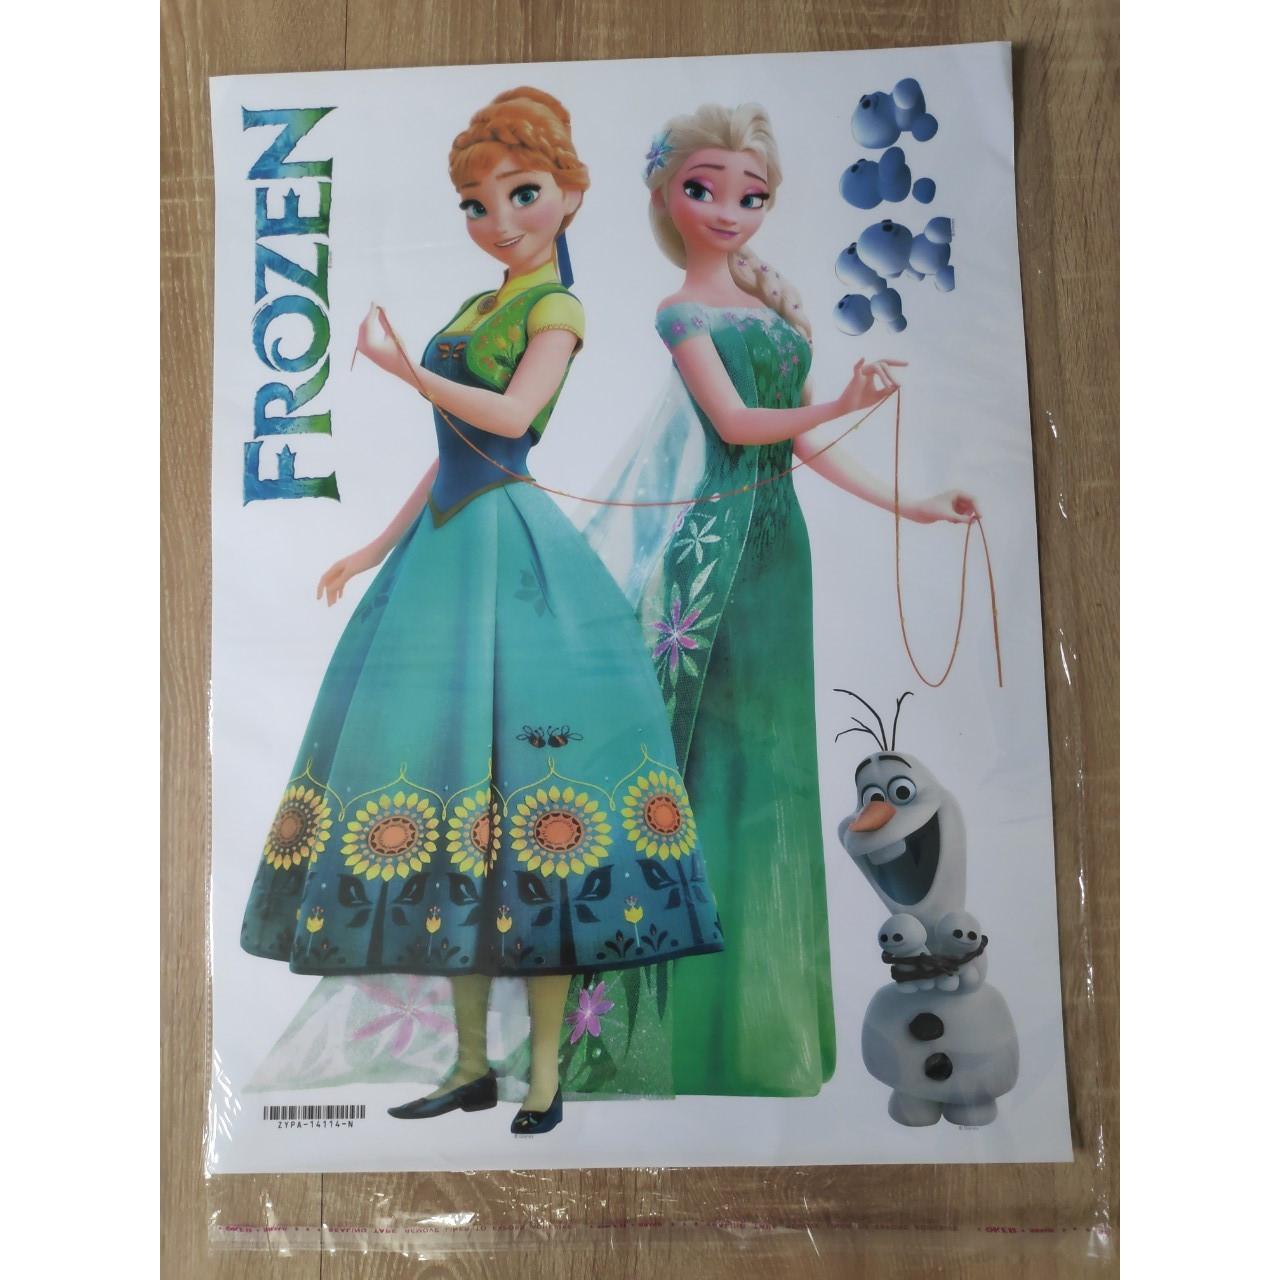 Decal hình dán tường 3D công chúa Elsa và Anna